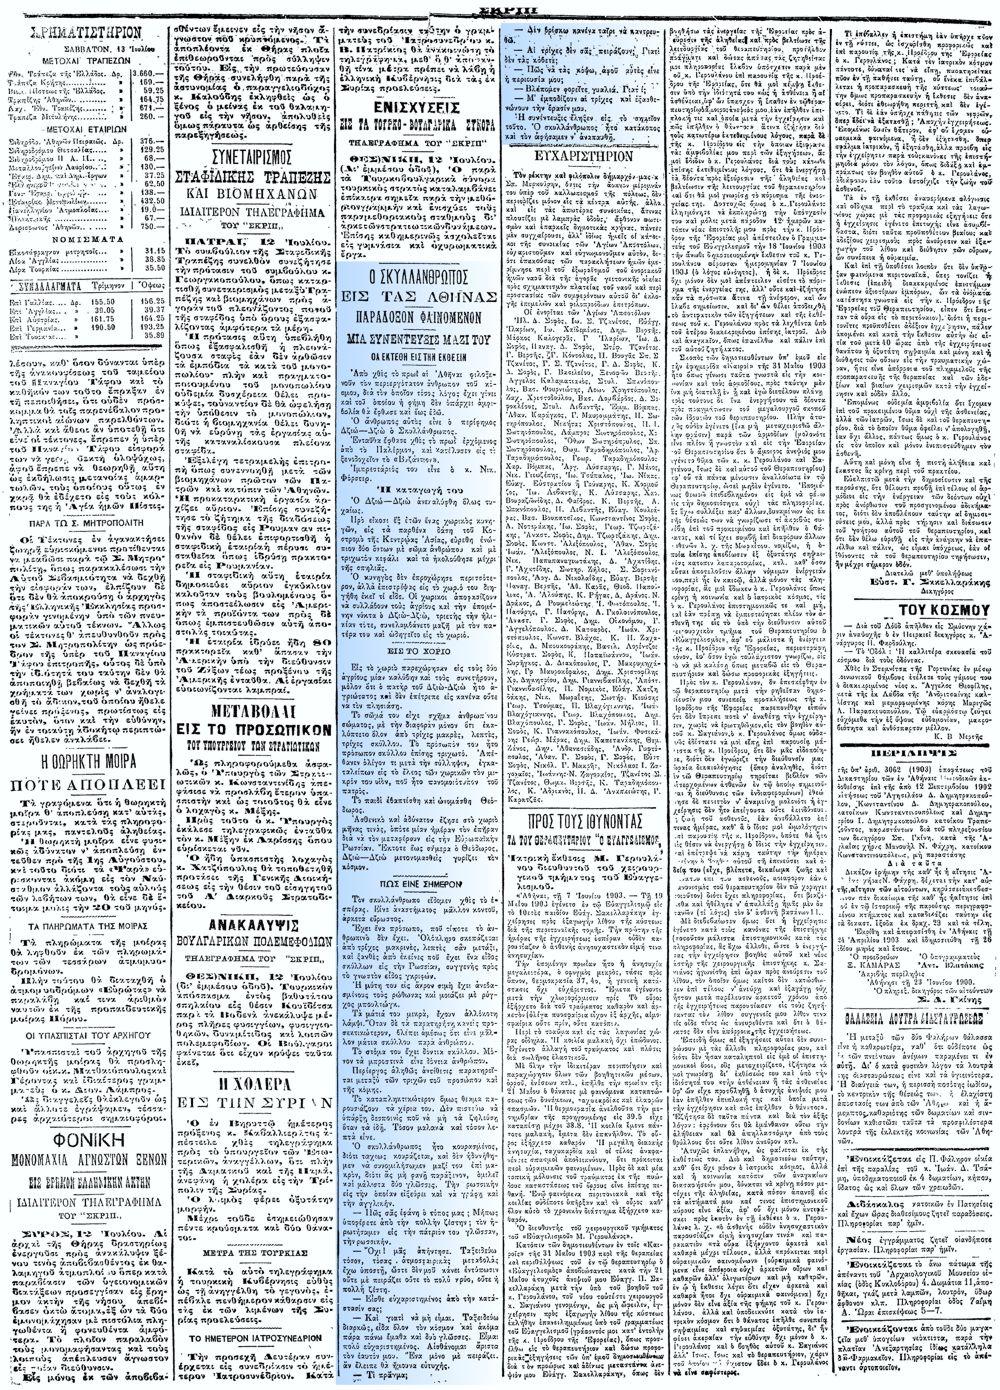 """Το άρθρο, όπως δημοσιεύθηκε στην εφημερίδα """"ΣΚΡΙΠ"""", στις 13/07/1903"""